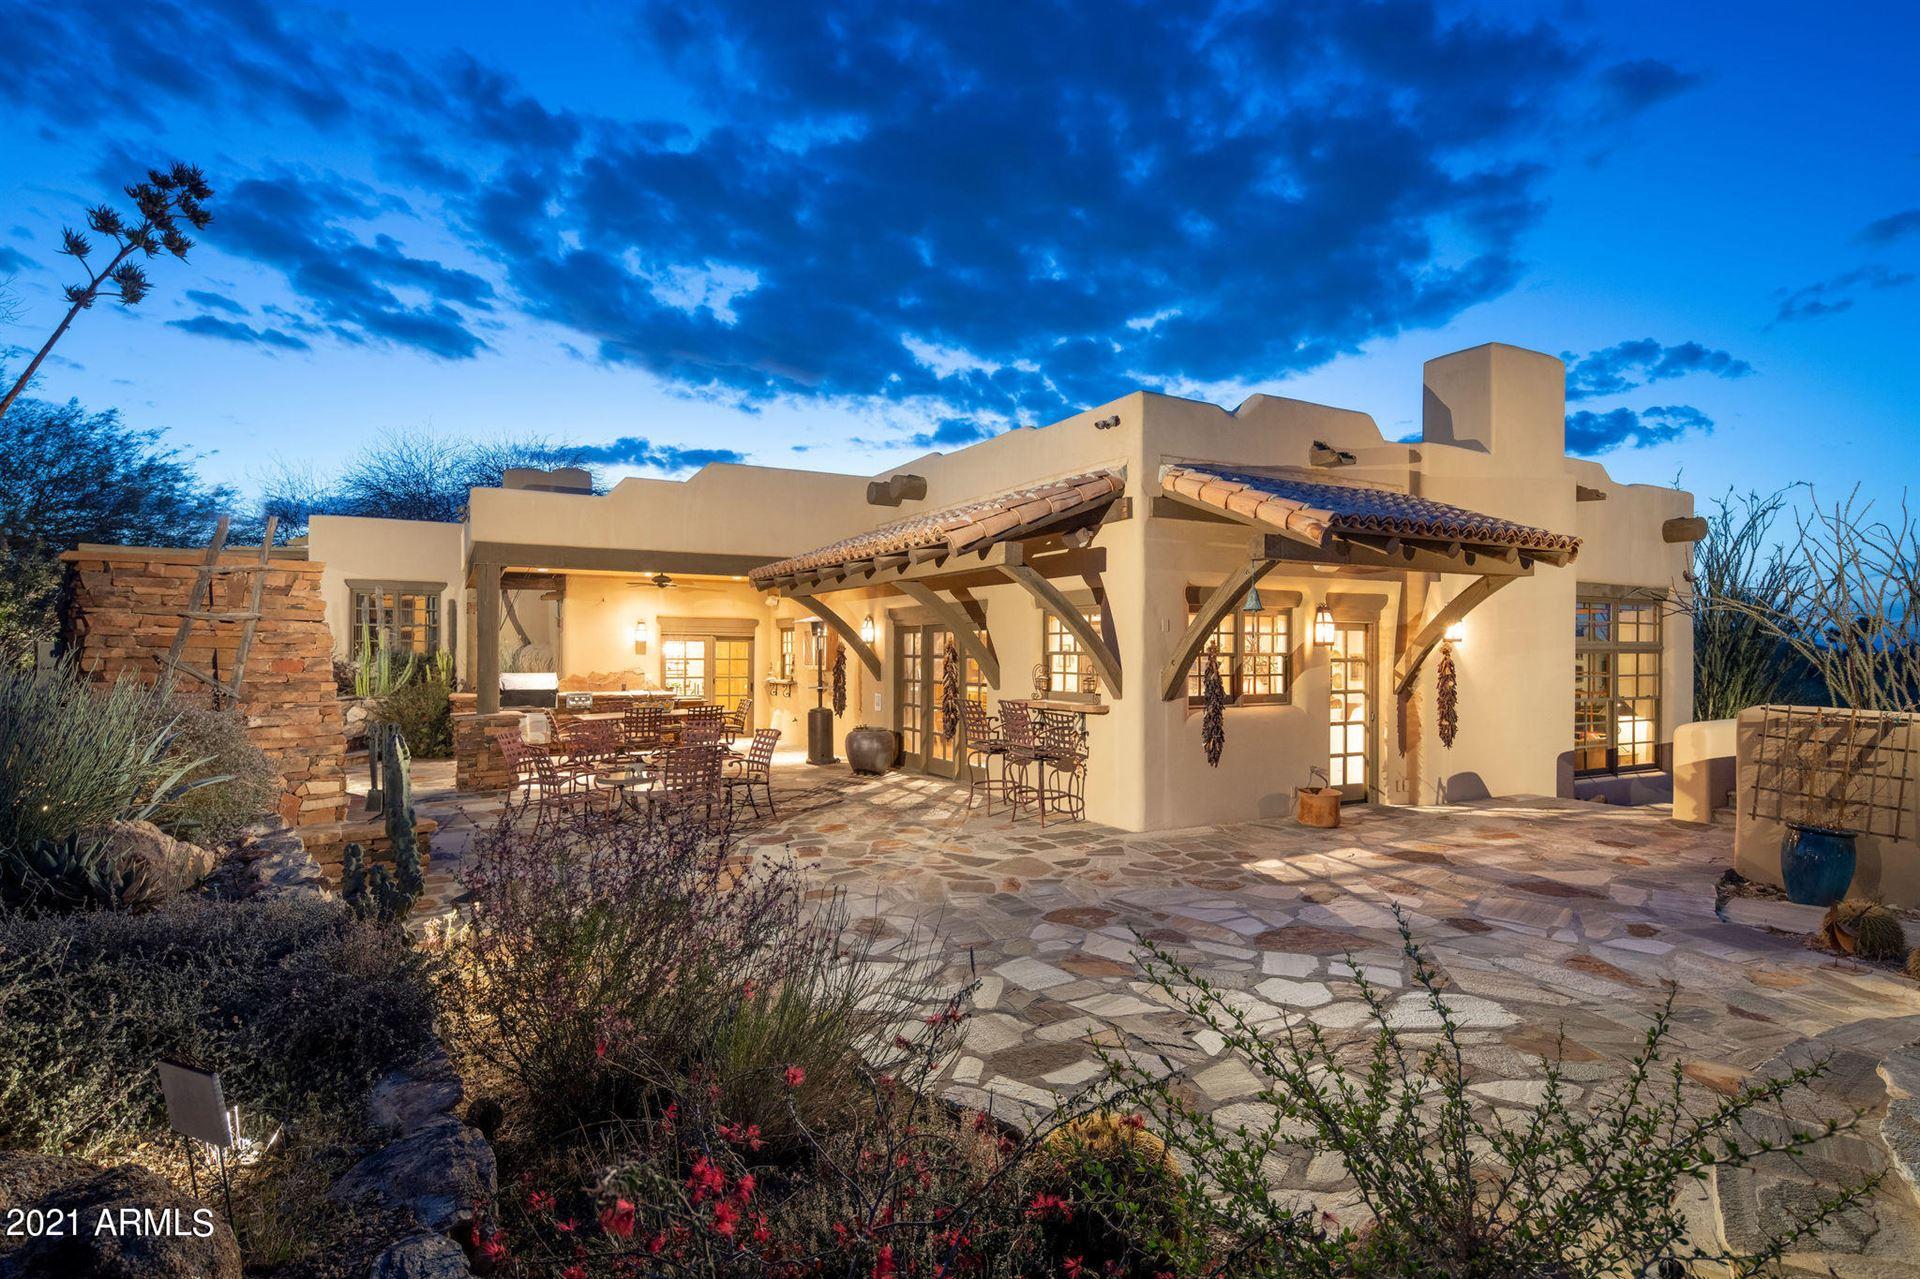 4033 E MISSION Lane, Phoenix, AZ 85028 - MLS#: 6245698